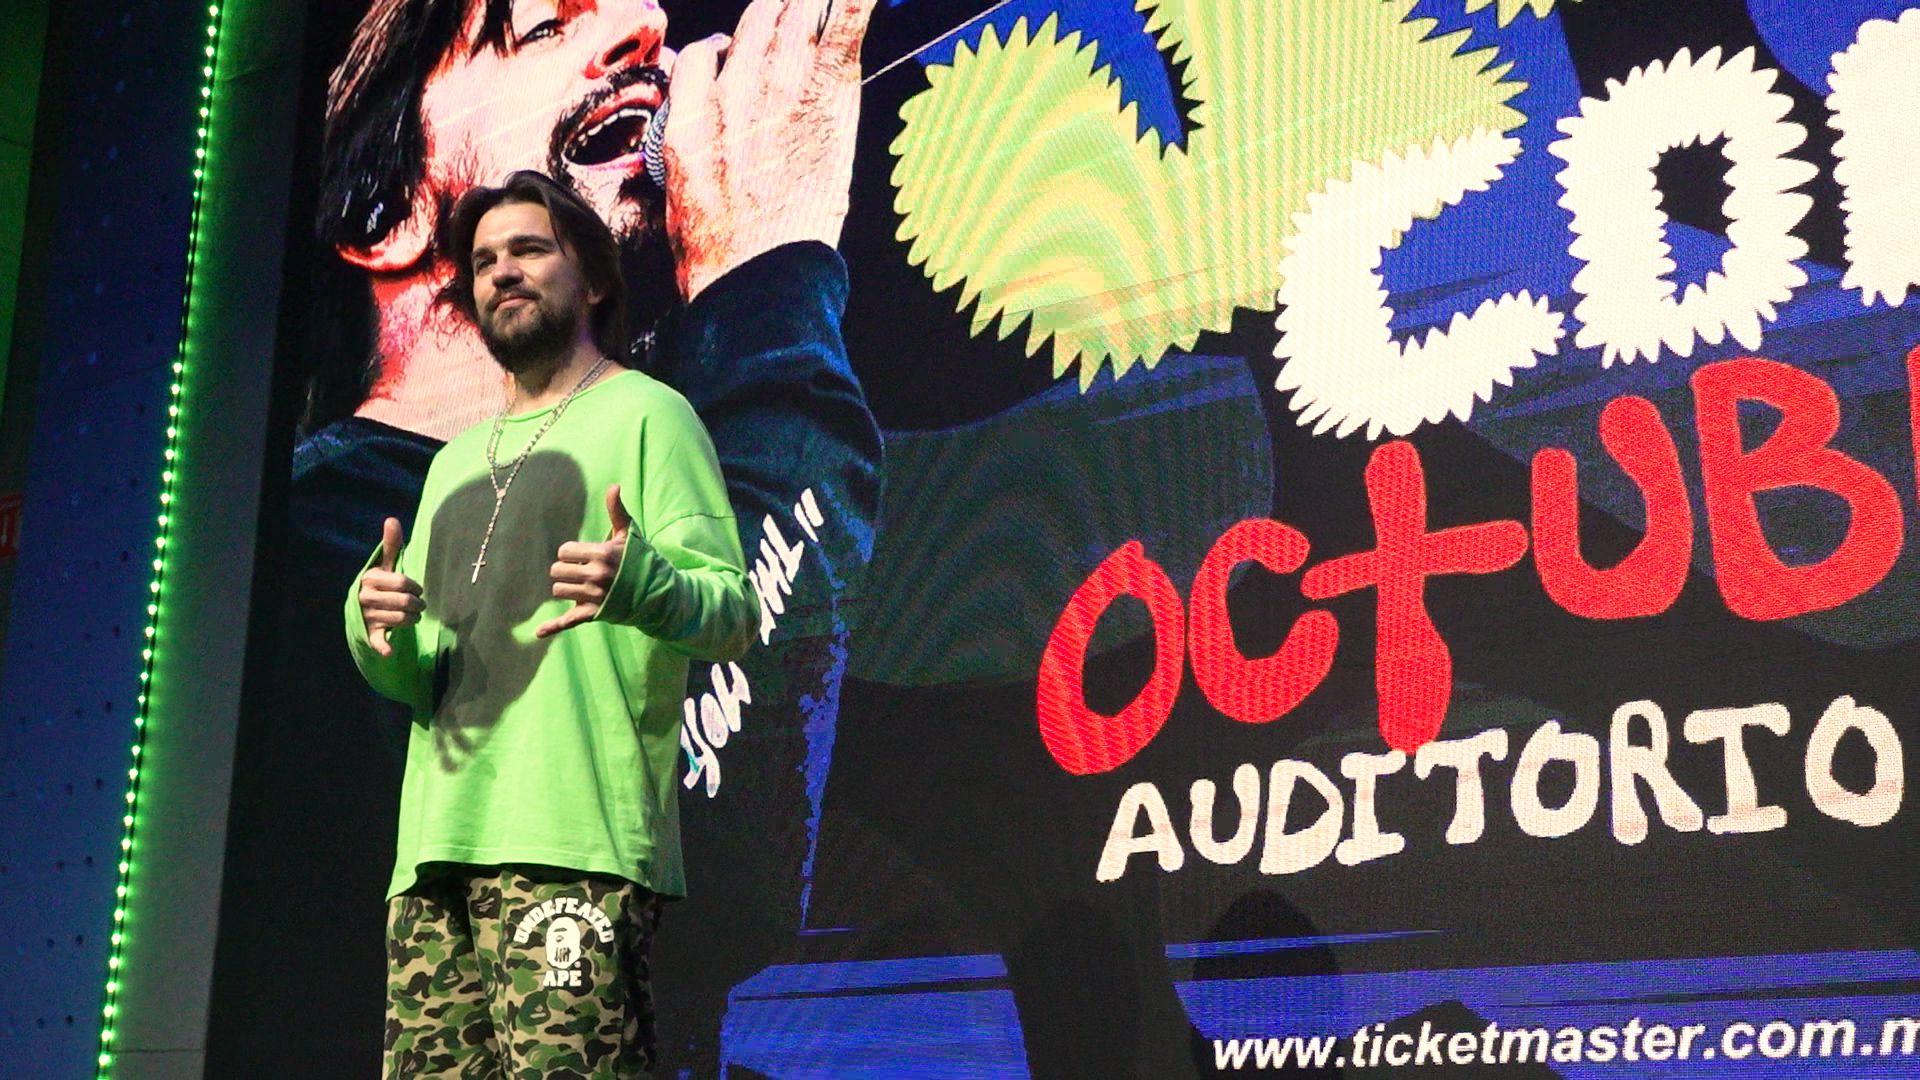 Juanes se presentará en el Auditorio Nacional el próximo 25 de octubre (Foto: Infobae)